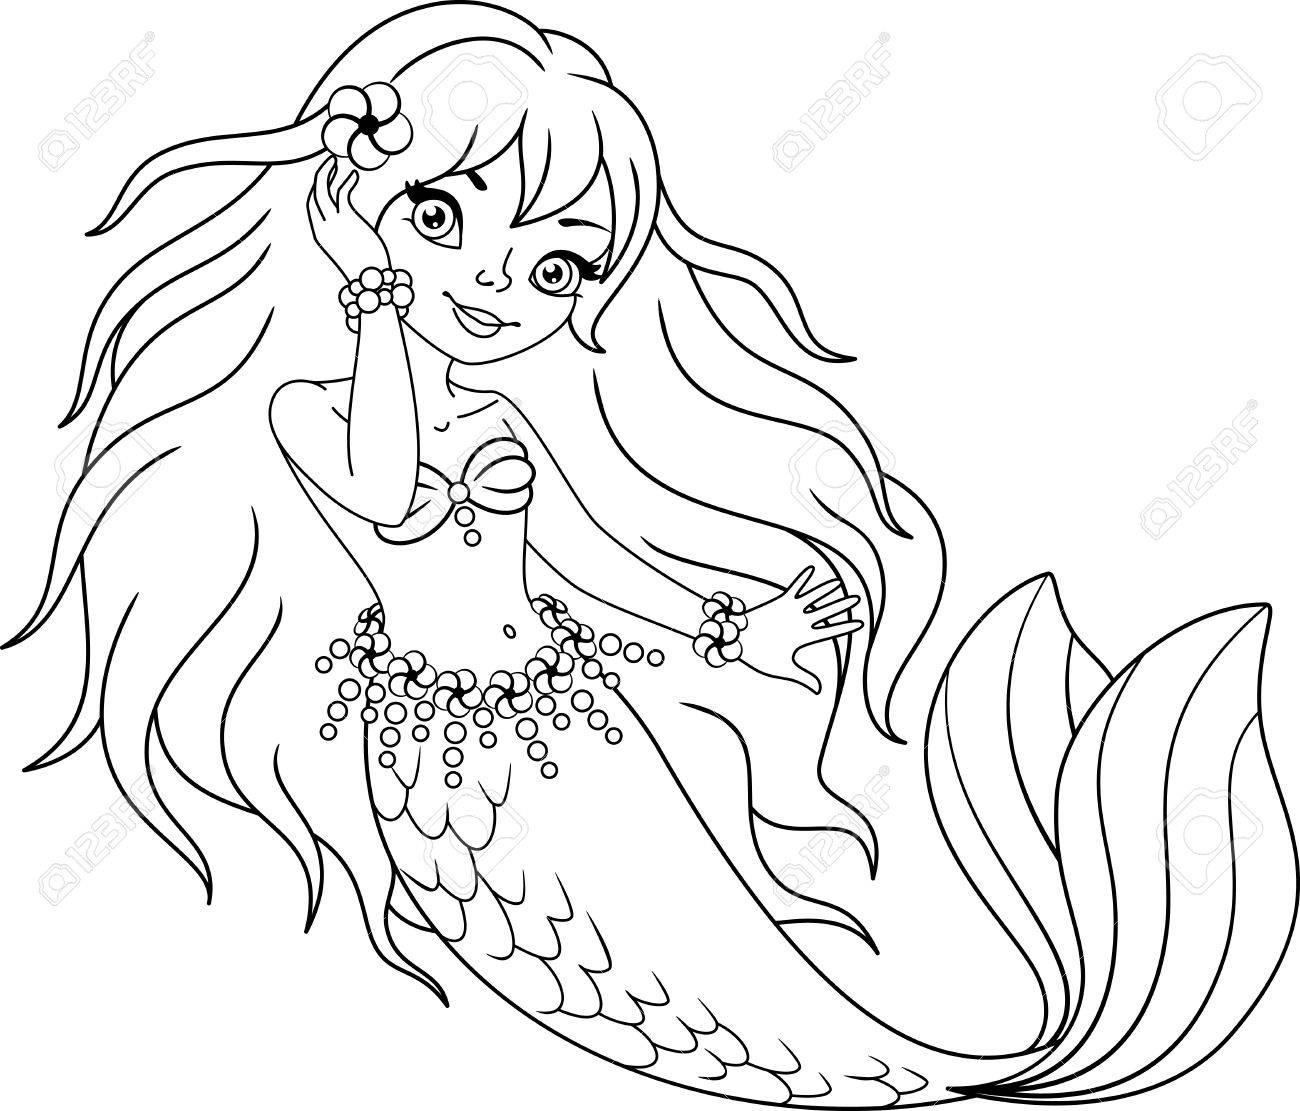 小さな人魚の女の子ぬりえページのイラスト素材ベクタ Image 84439061